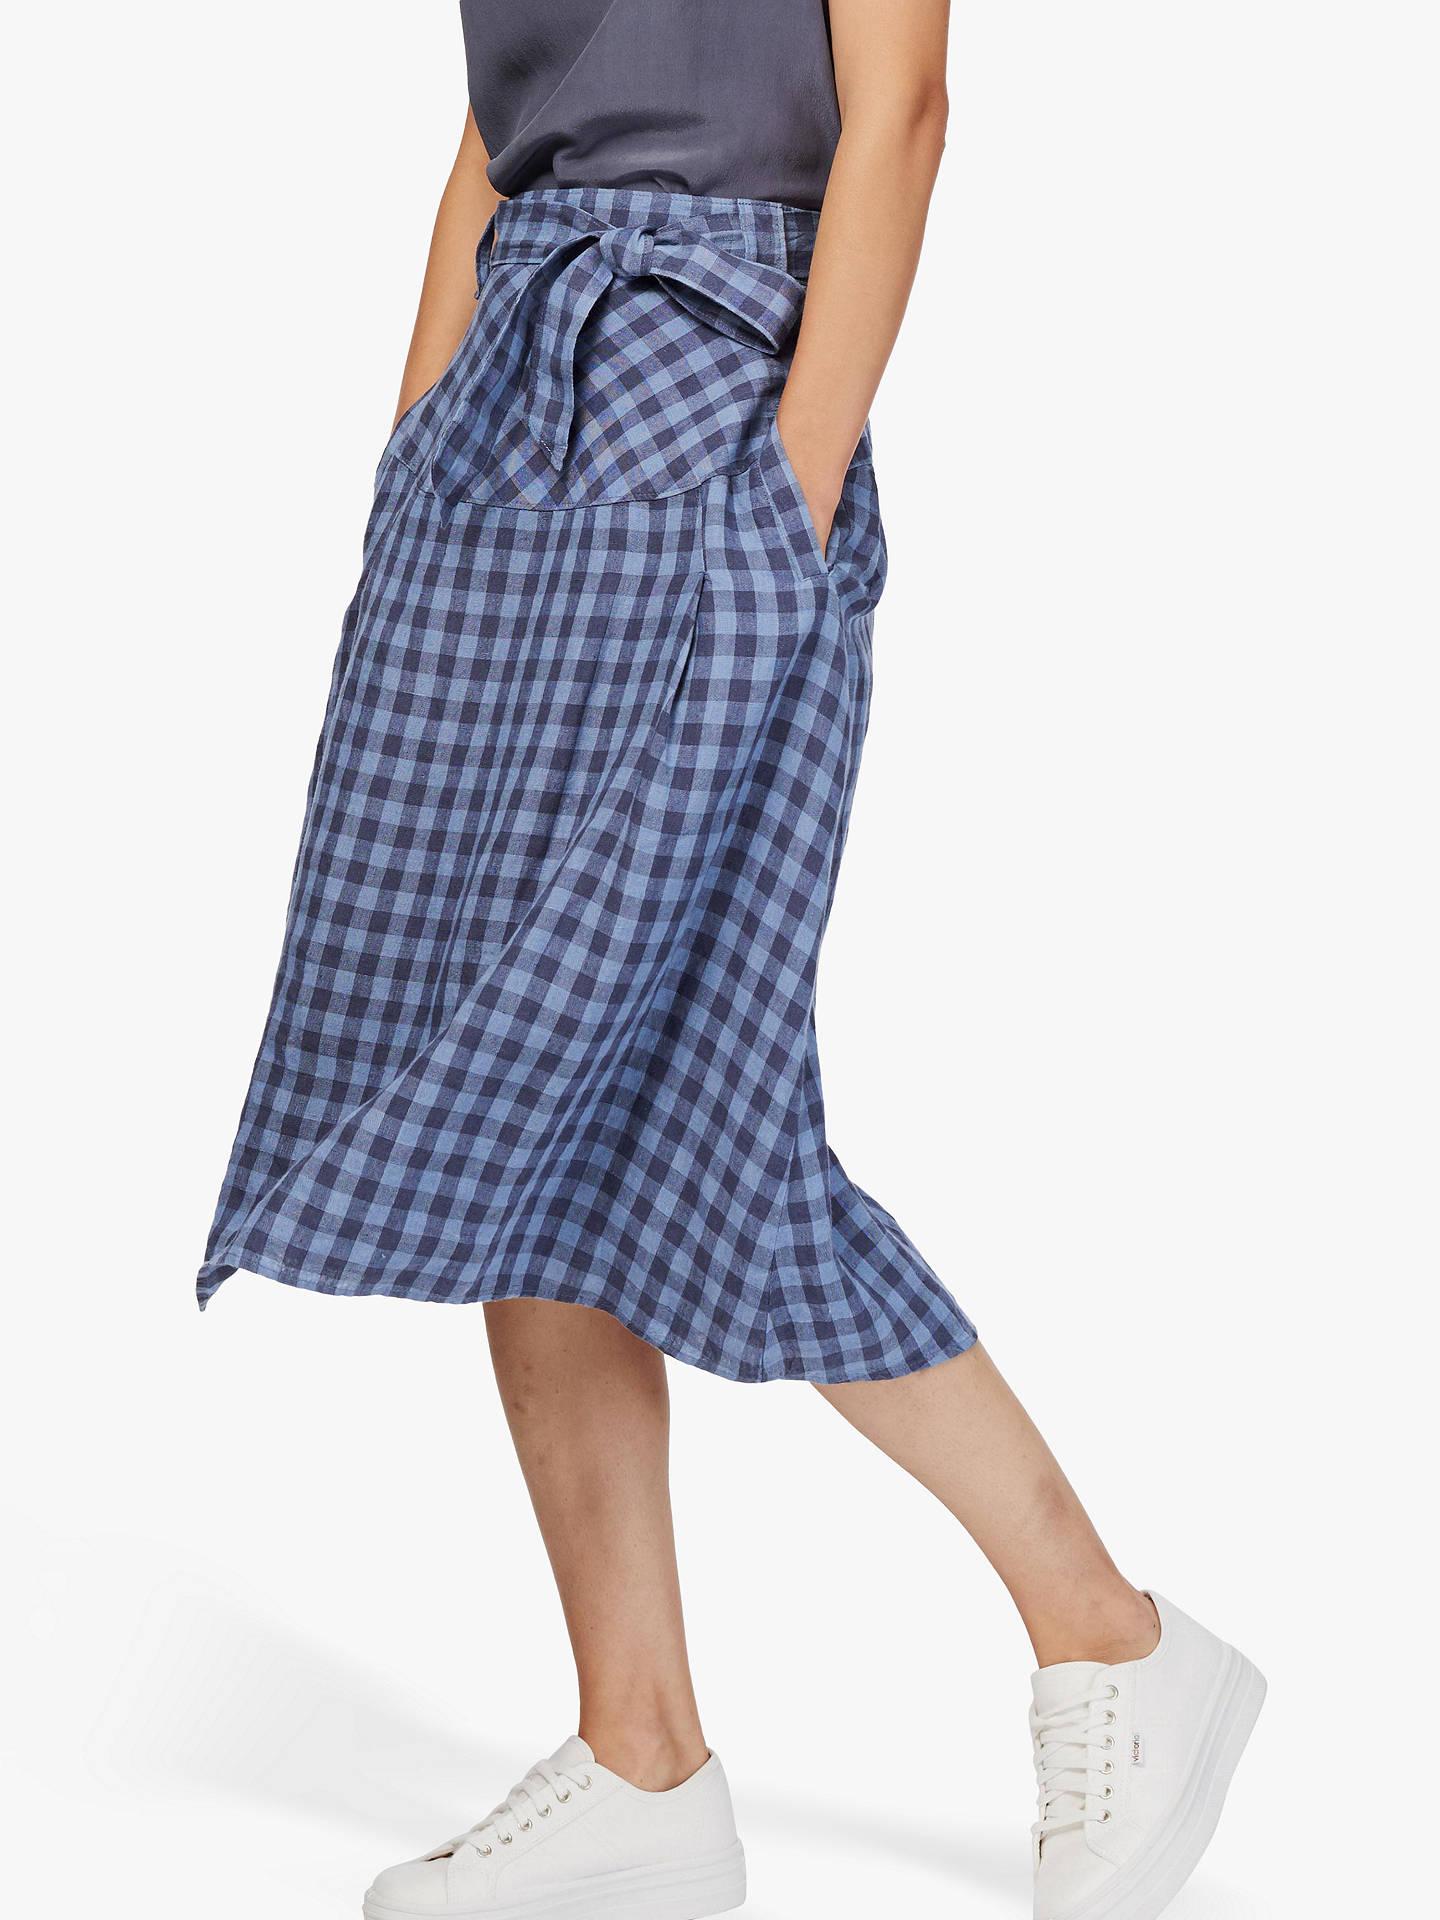 066667b3fa4 Buy Brora Gingham Check Linen Skirt